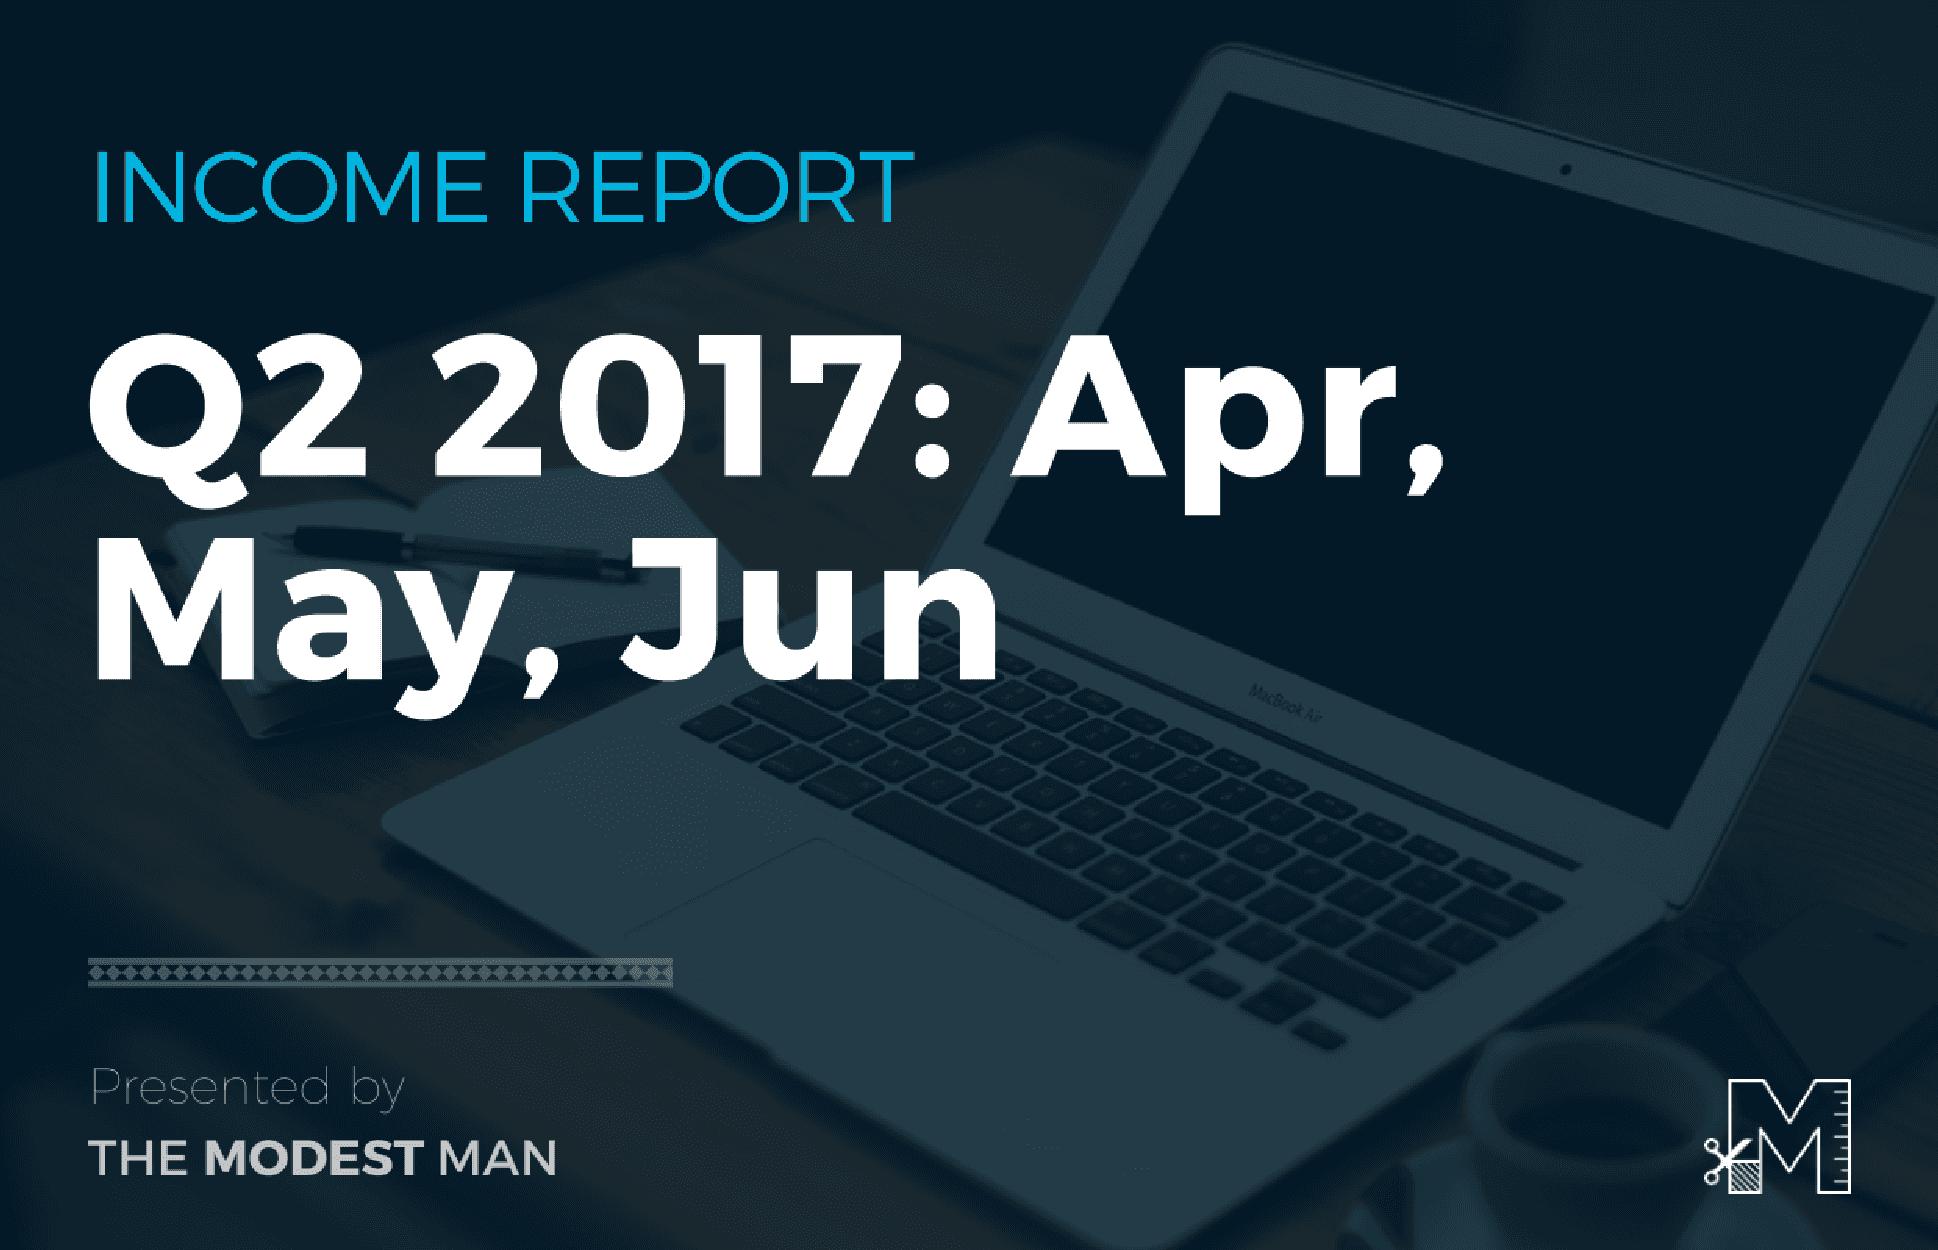 Income report Q2 2017